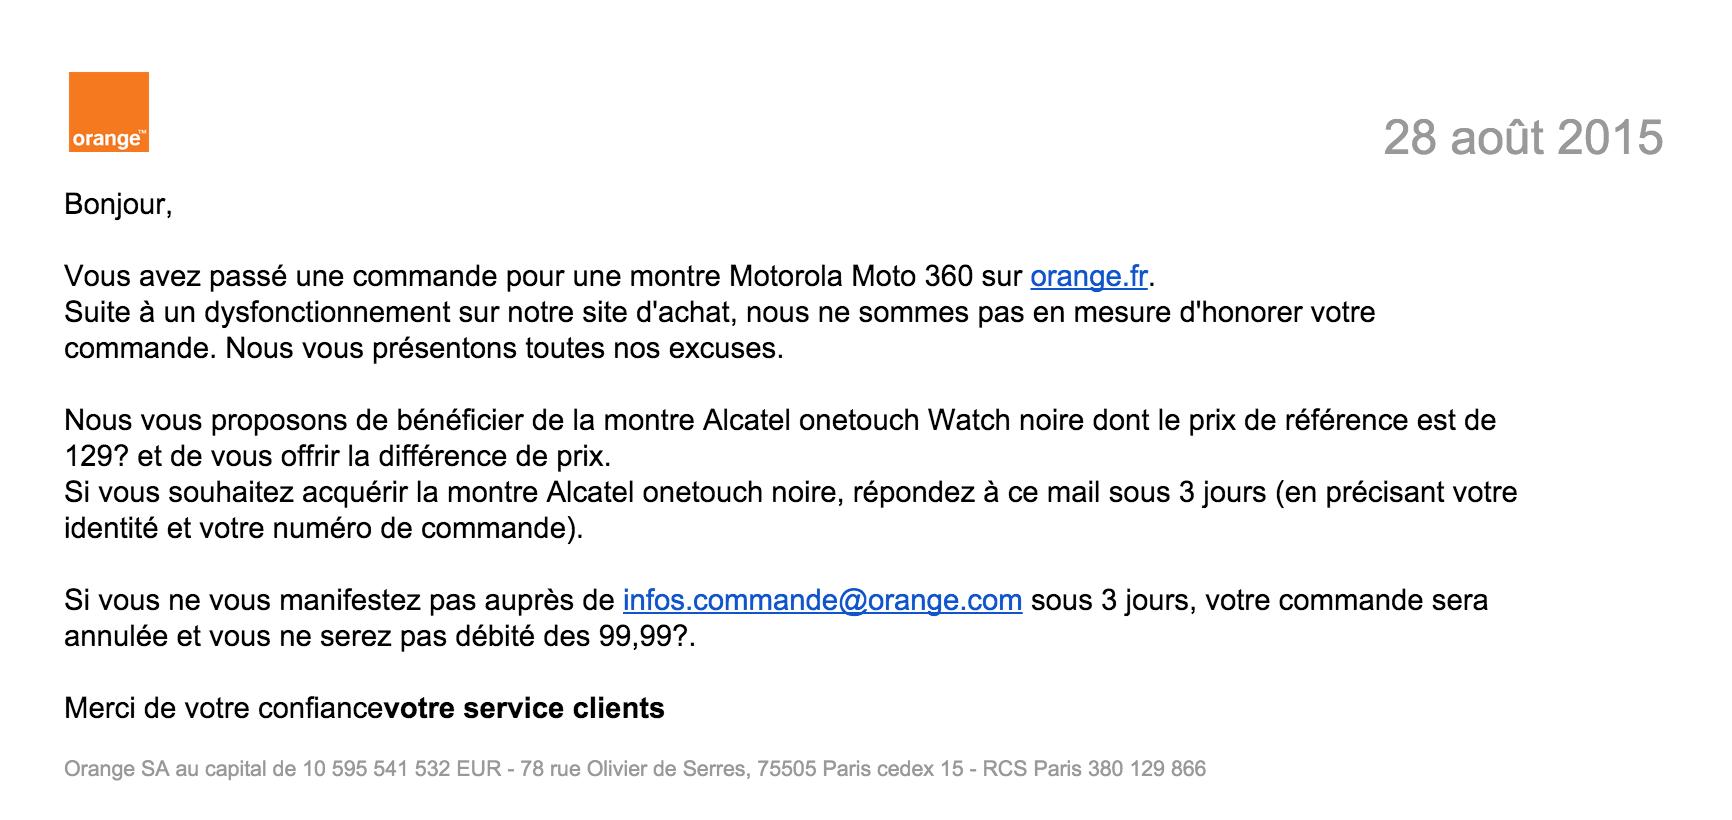 La moto 360 99 euros un dysfonctionnement selon orange frandroid - Delai pour annuler une commande ...